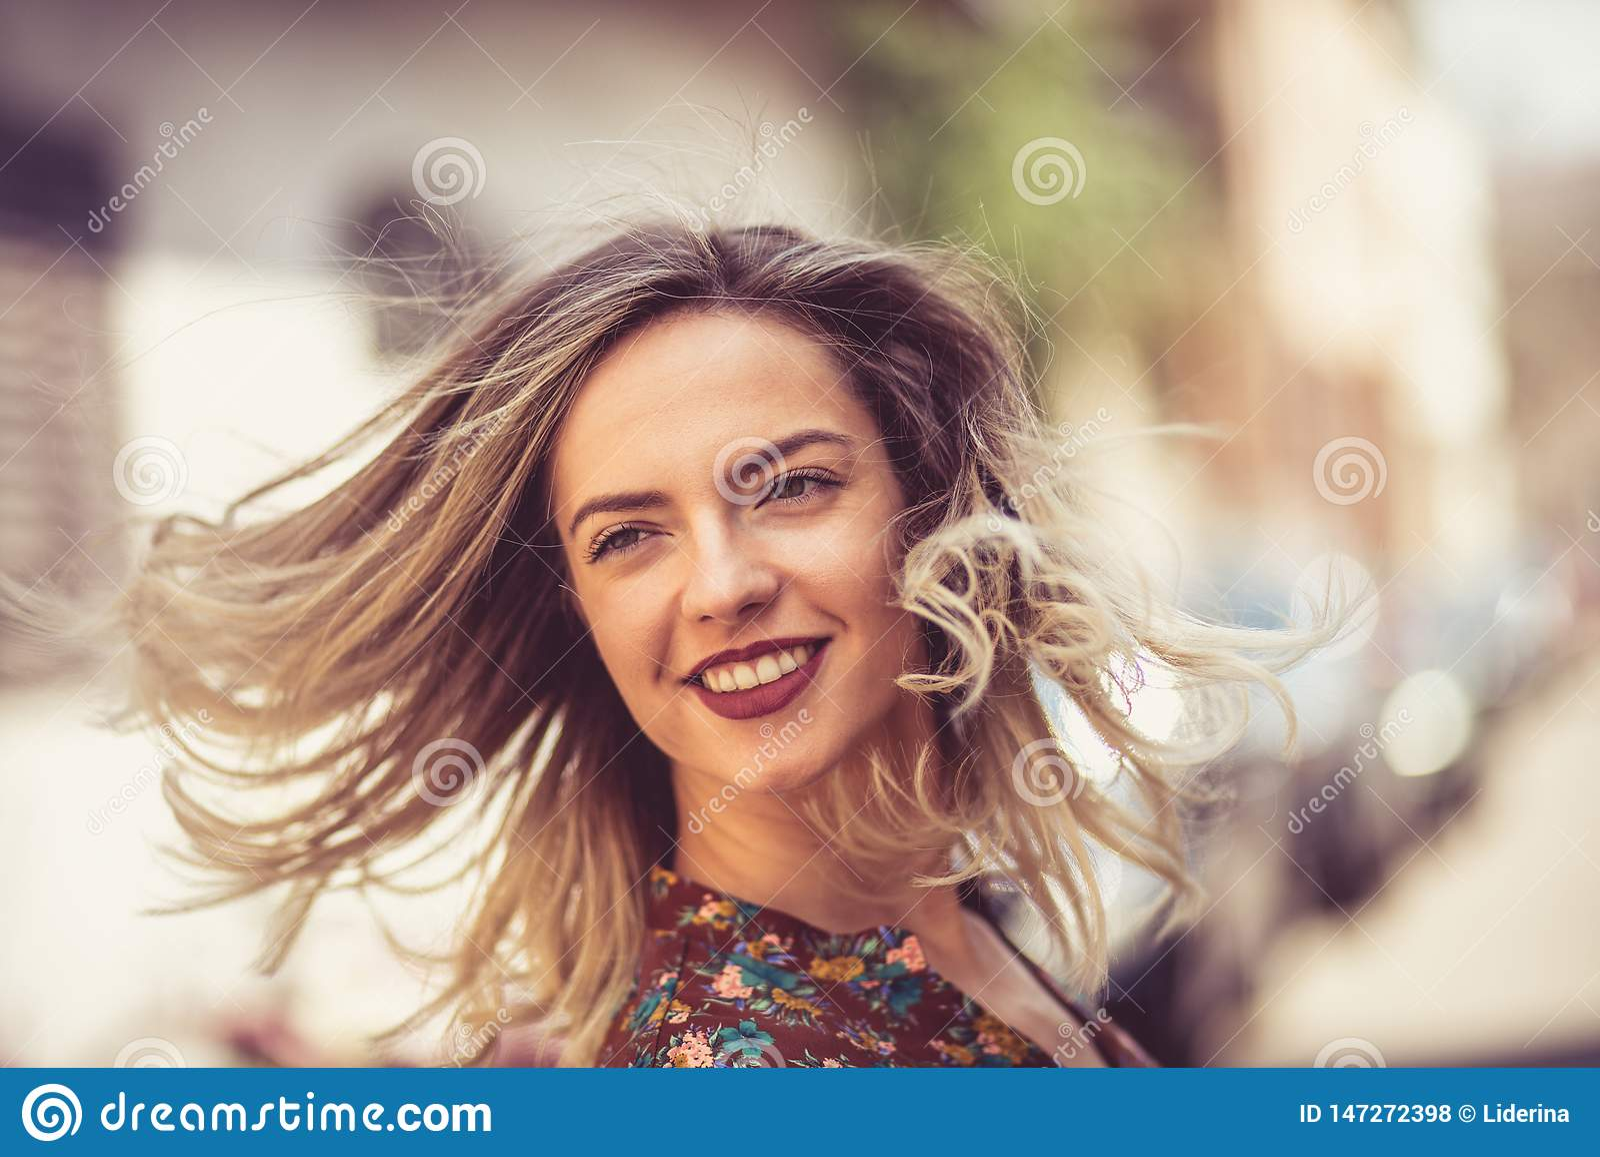 Το χαμόγελό της λαμπρύνει επάνω την πόλη